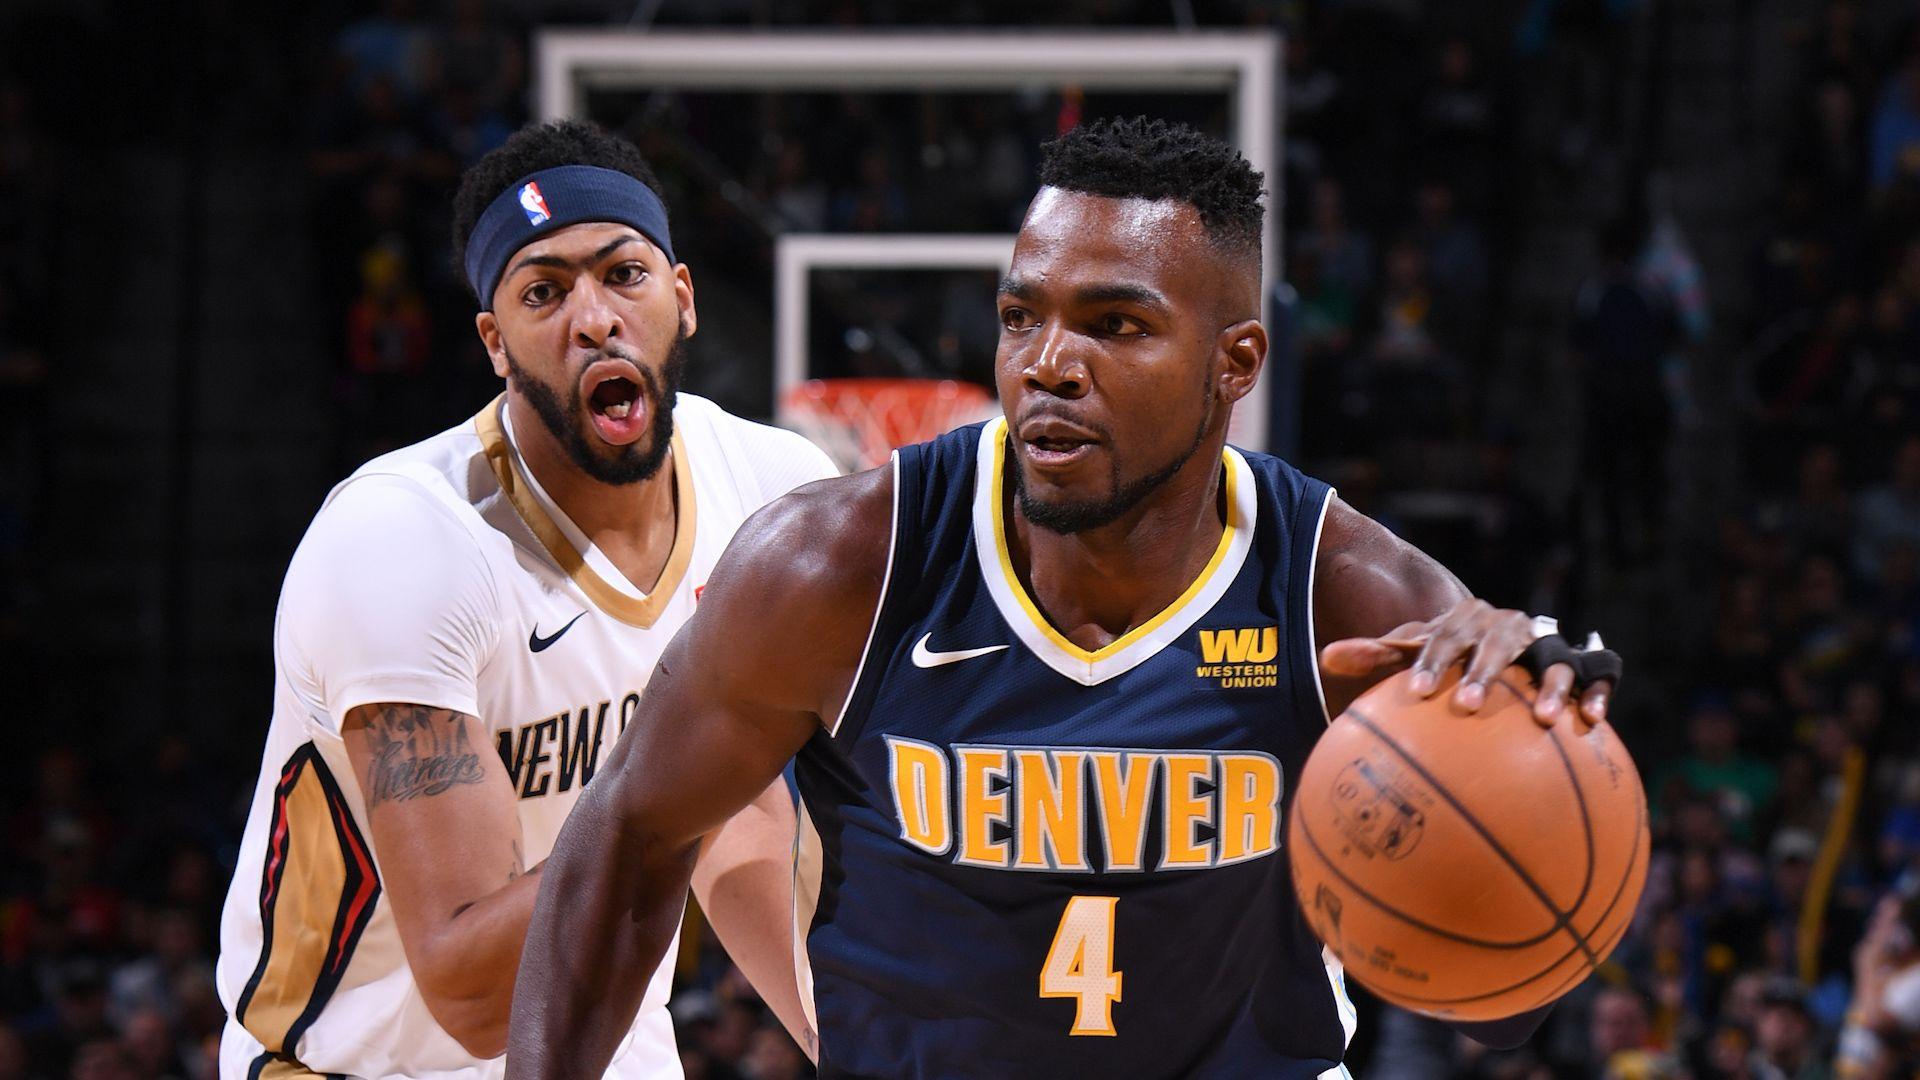 Хьюстон — Денвер. Прогноз на матч 8 января 2019. НБА